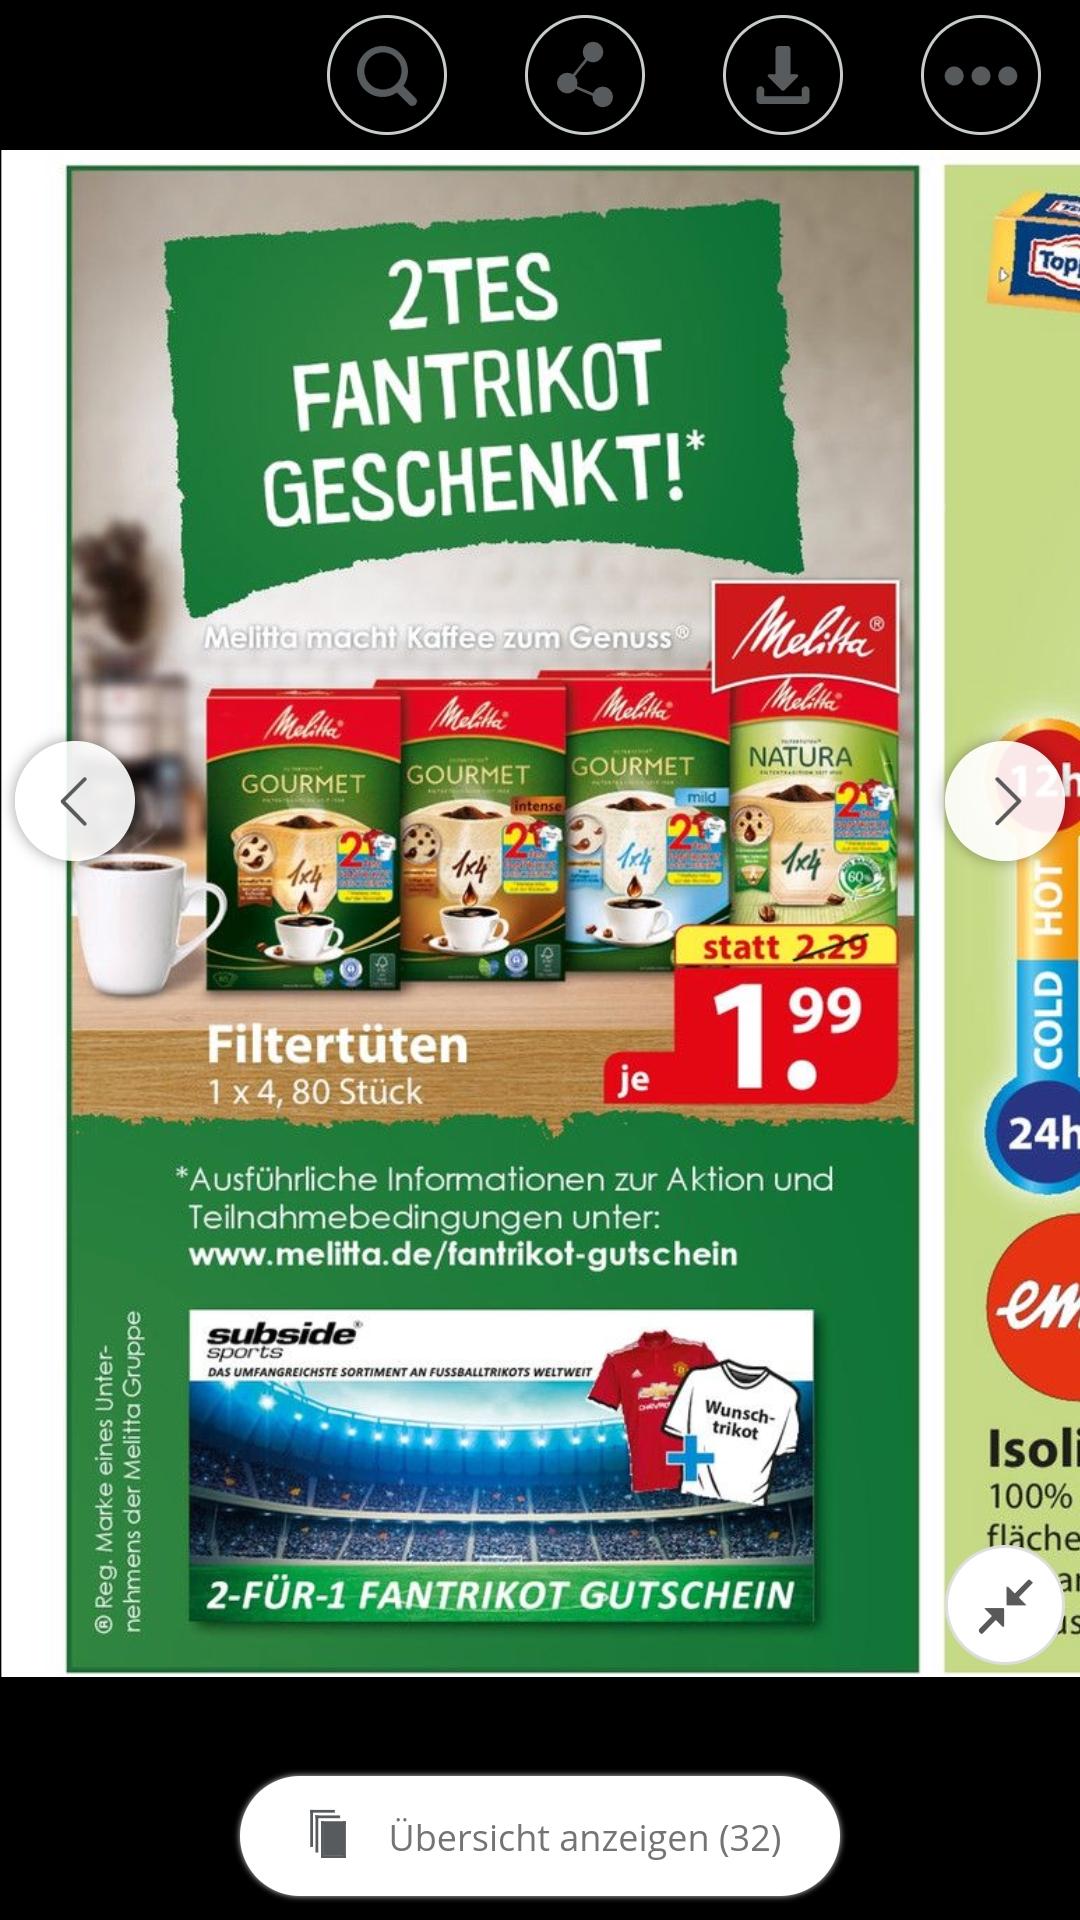 [ famila Nordost ] Melitta filtertüten aktionspackung mit 2 für 1 subsidesports Gutschein (2x adidas DFB WM 2018 ReplicaTrikot für 109,90€ dadurch möglich)